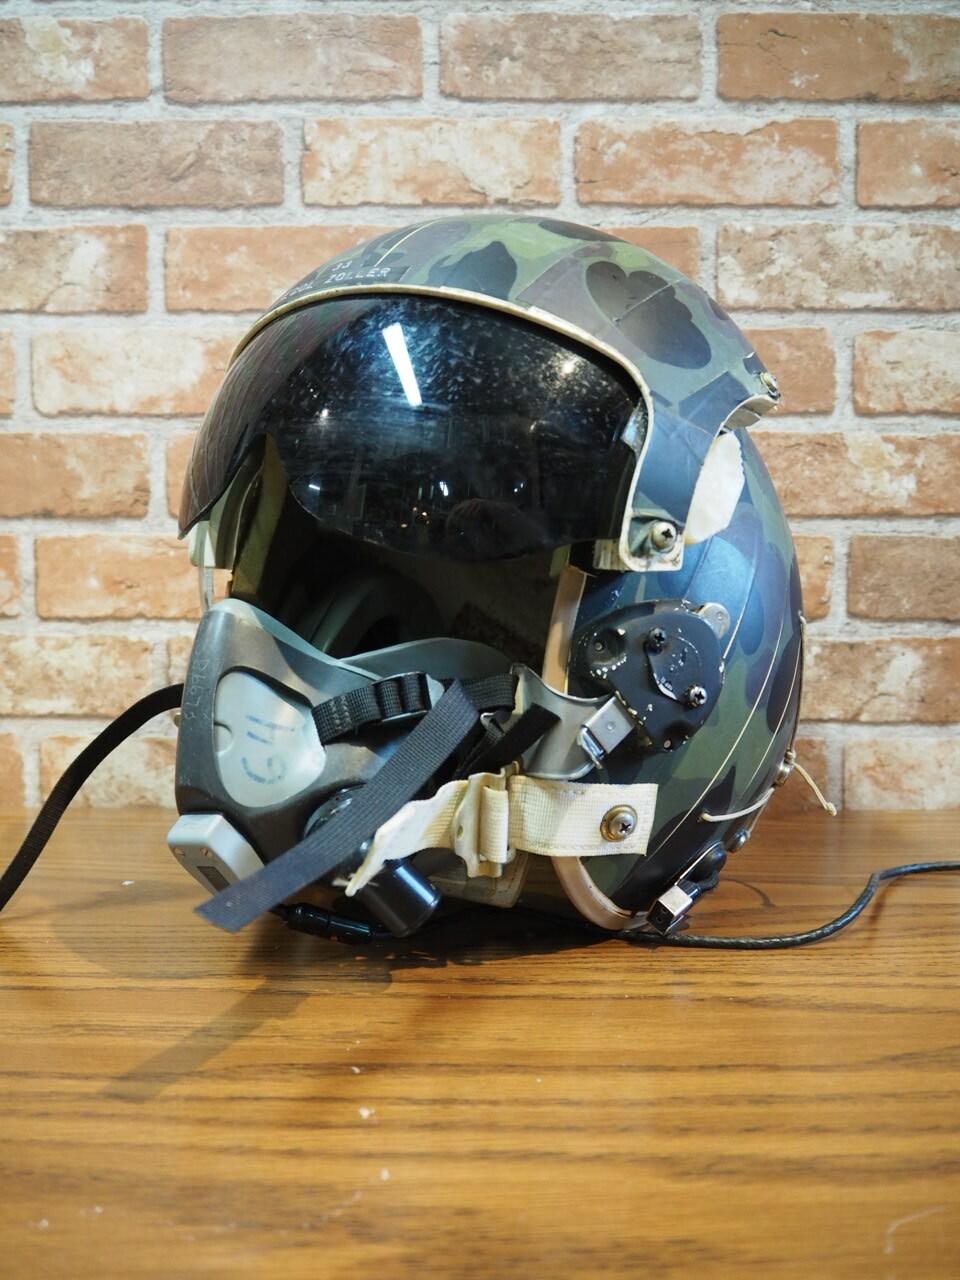 品番0091 パイロットヘルメット / Helmet 011